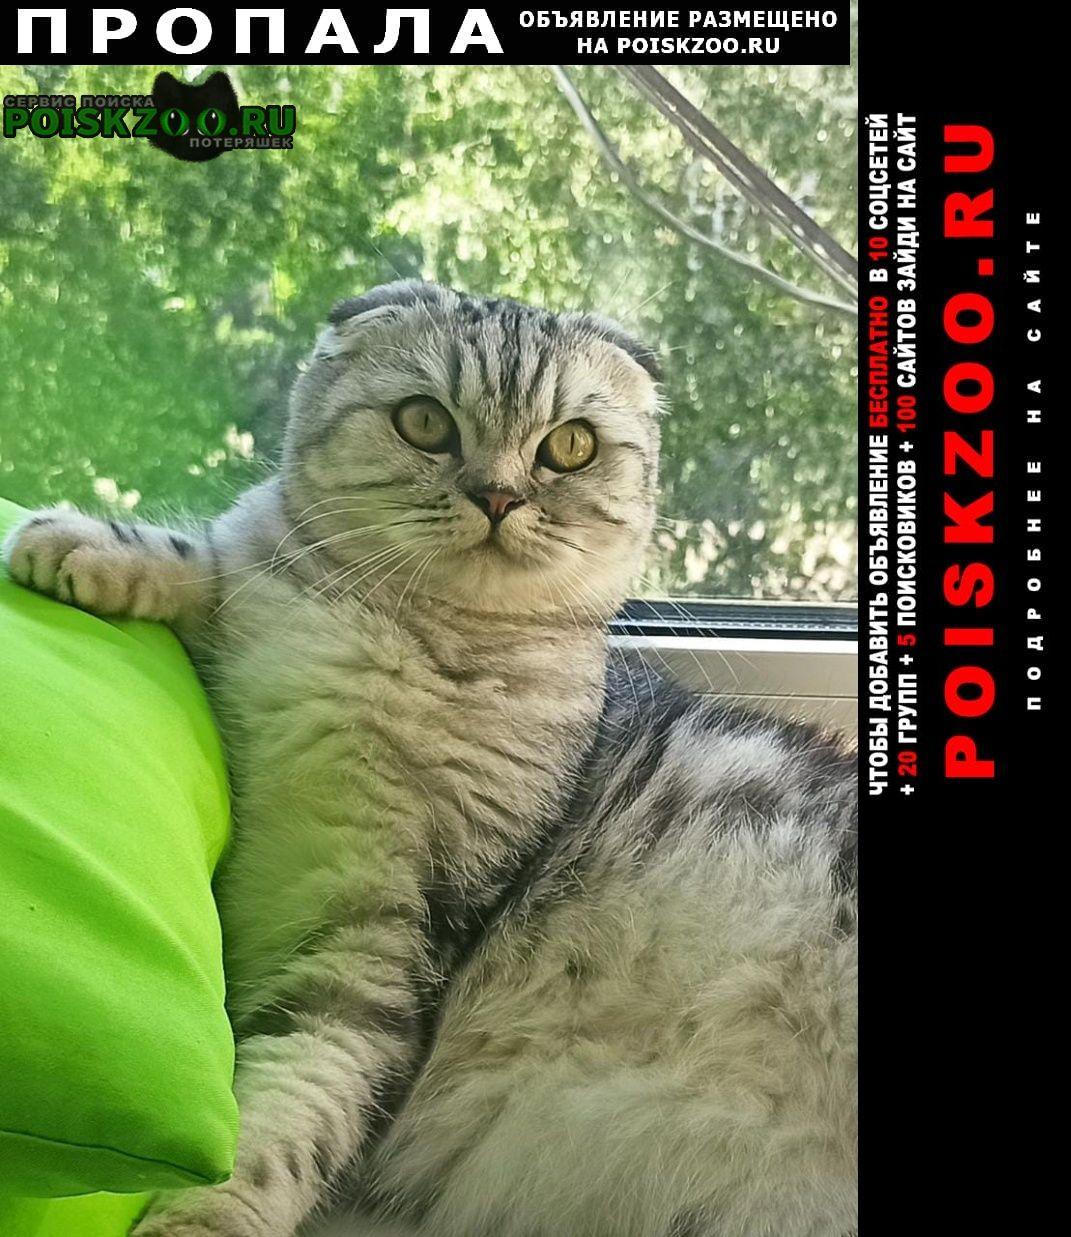 Пропала кошка помогите найти кошечку Ярославль